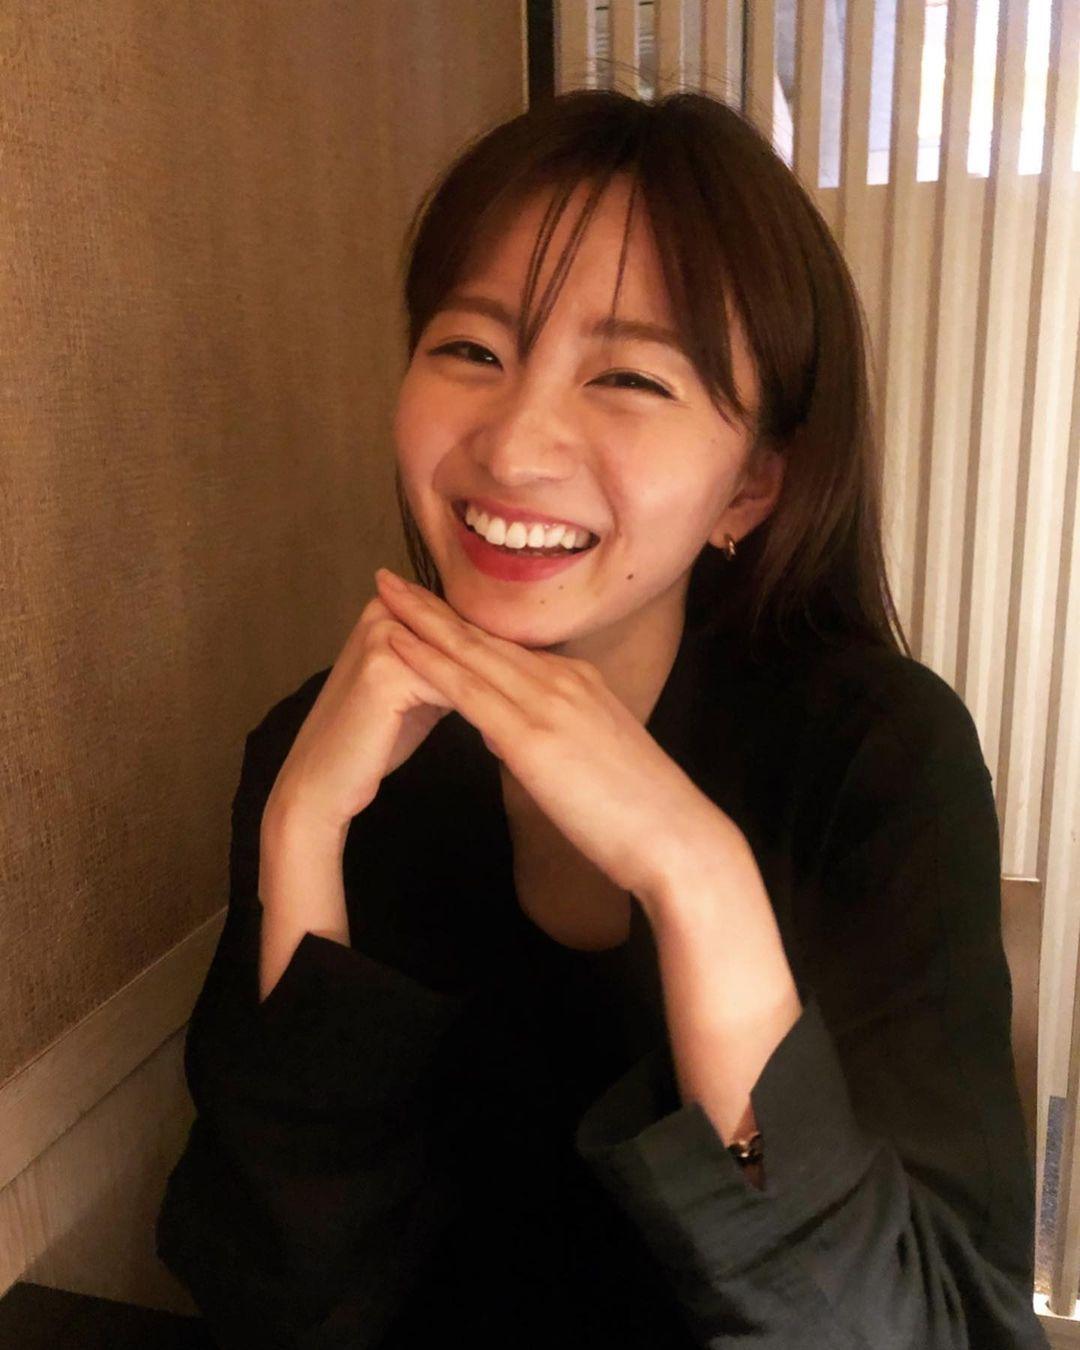 日系时尚杂志模特冈崎纱绘清甜笑容亲和力十足完全就是女友理想型 网络美女 第24张